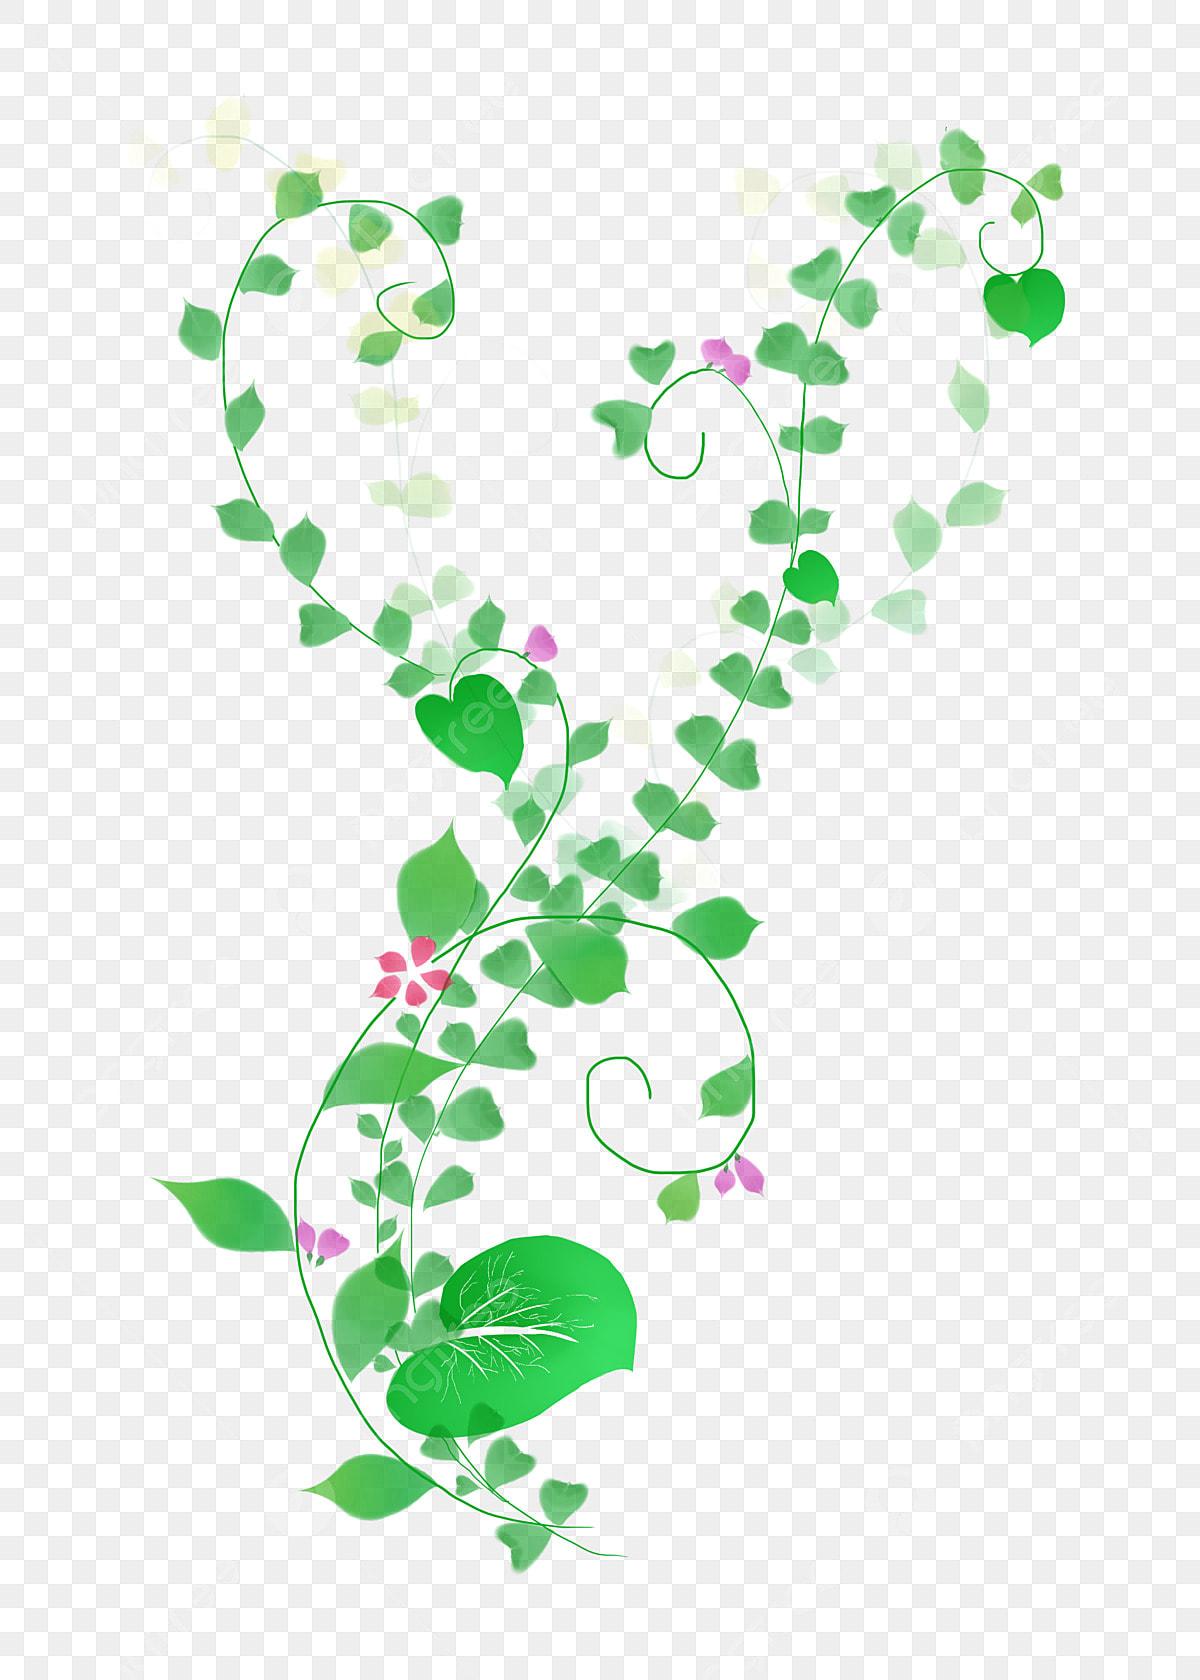 Plante Verte Vigne De Fleur De Dessin Animé Décoration De